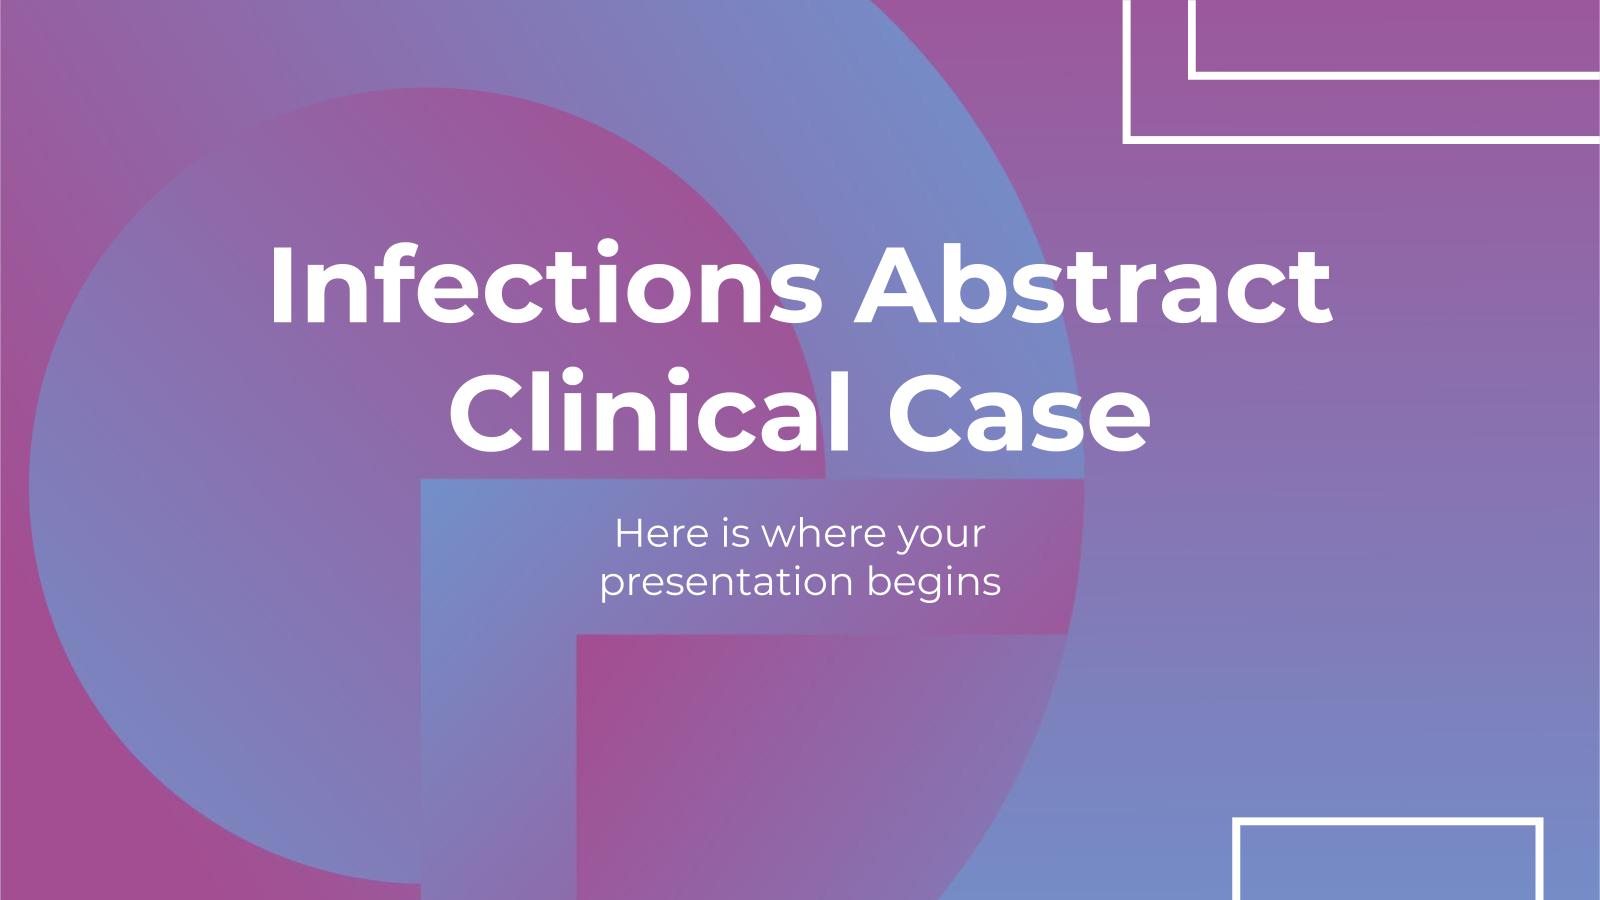 Modelo de apresentação Caso clínico abstrato sobre infecções